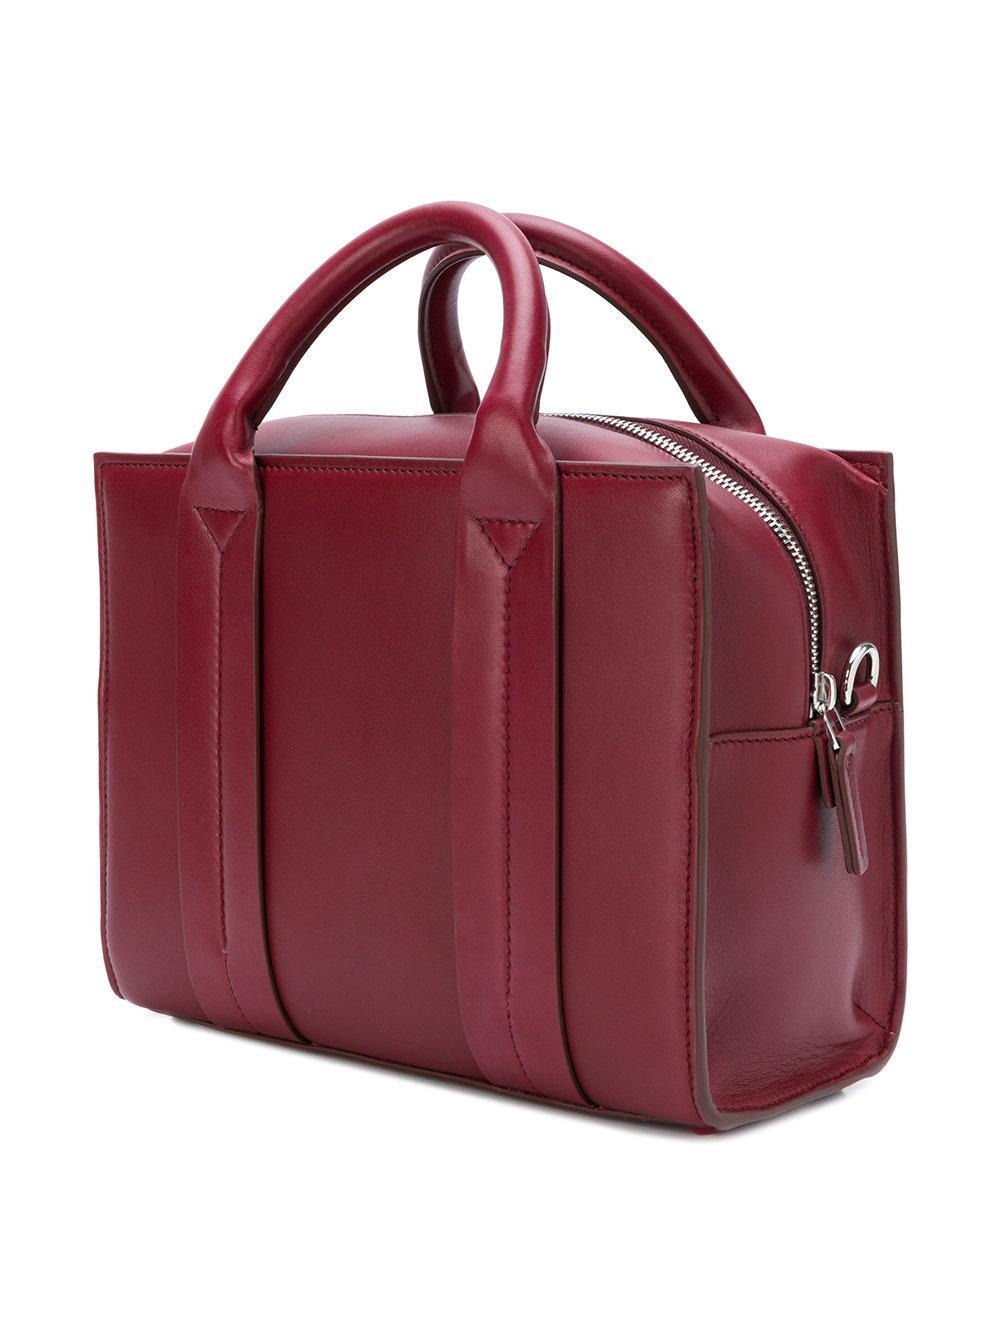 Corto Moltedo Leather Costanza Tote Bag in Red